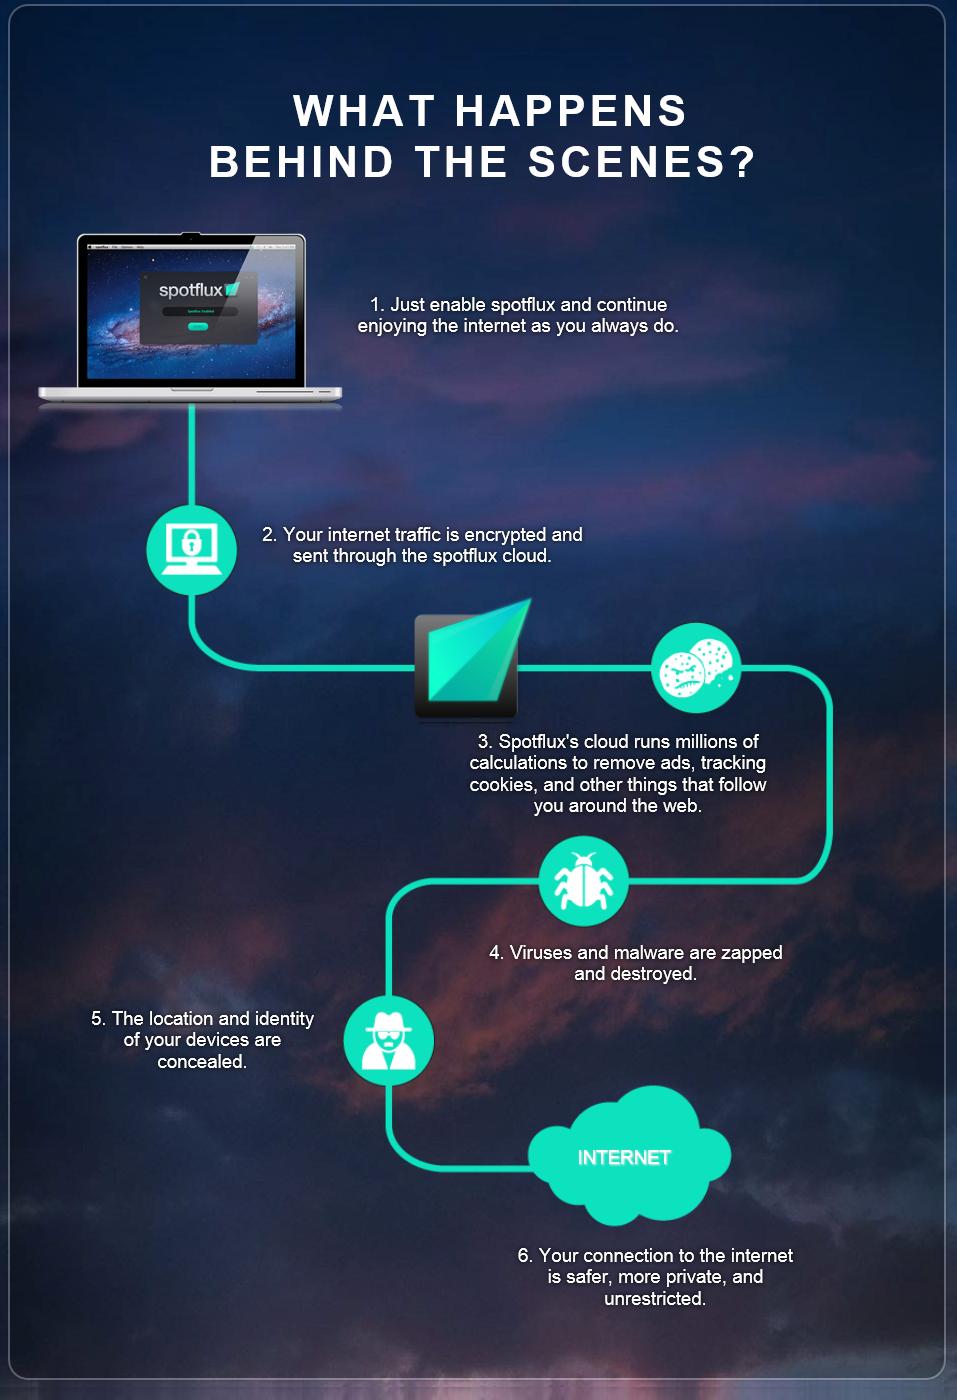 Spotflux - защищенный туннель для зашифрованного соединения с интернетом, маскировки своего местоположения и защиты от вредоносных скриптов (1)